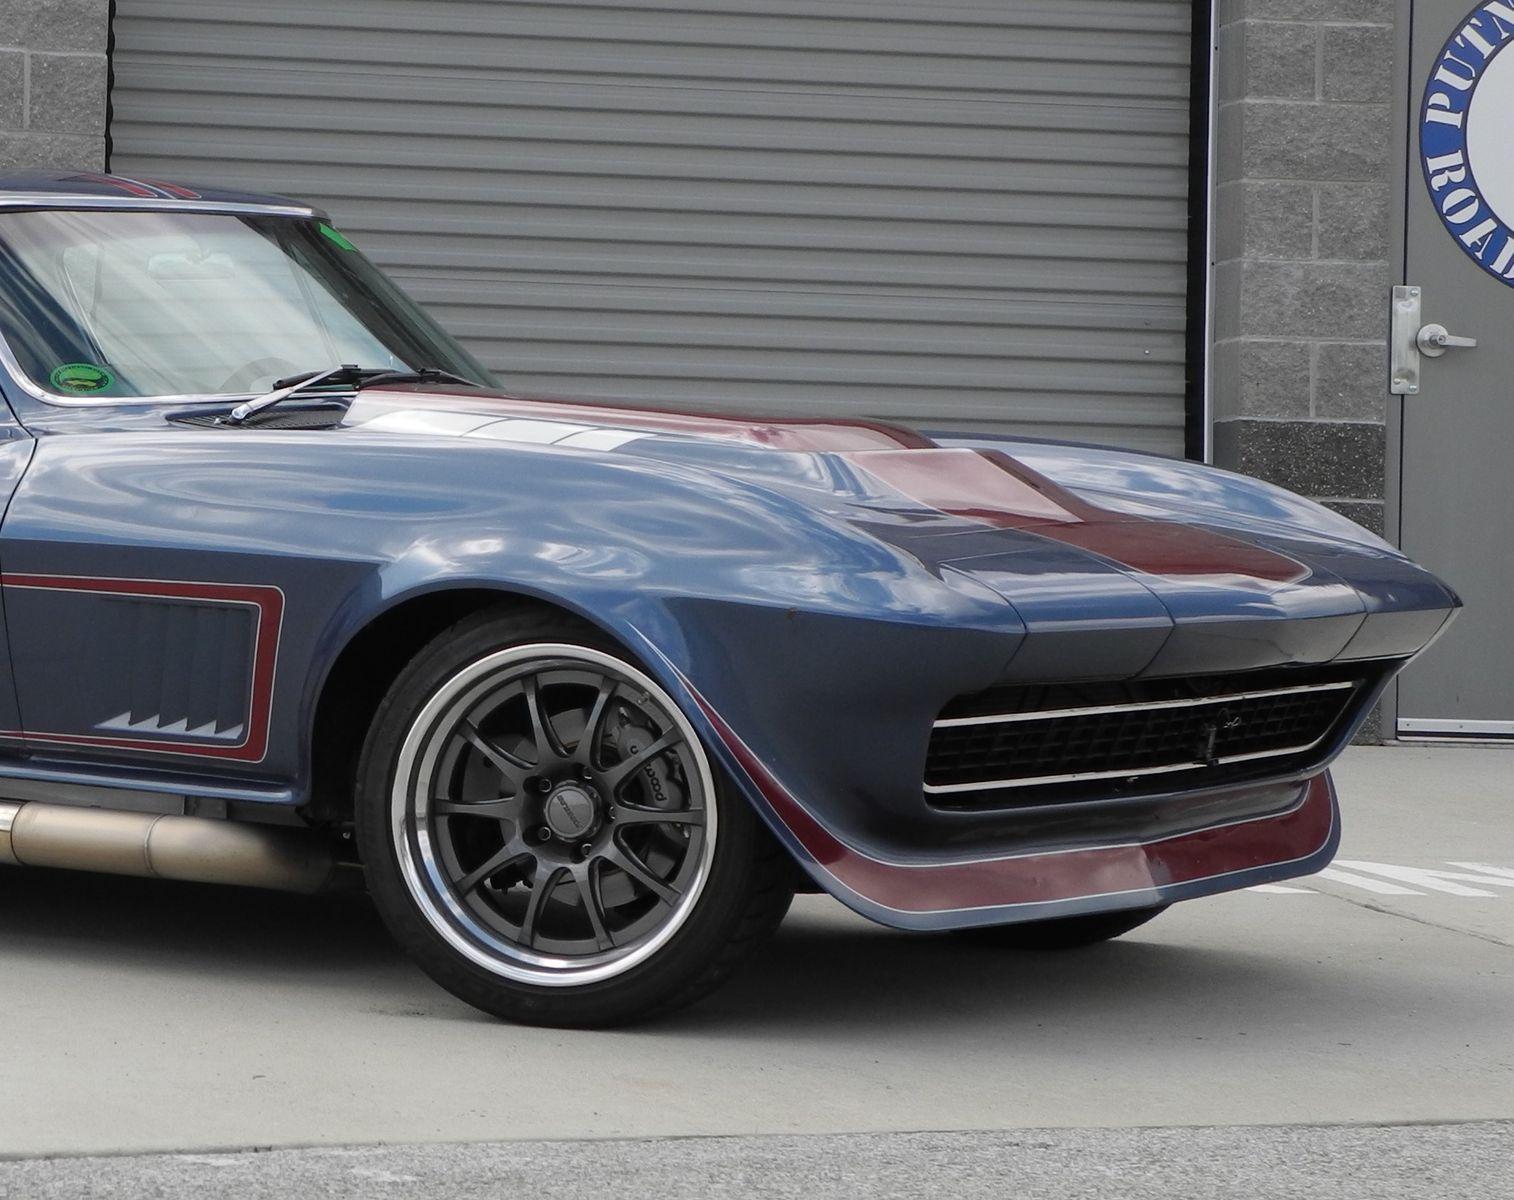 1966 Chevrolet Corvette | C2 Corvette on Forgeline GZ3R Wheels